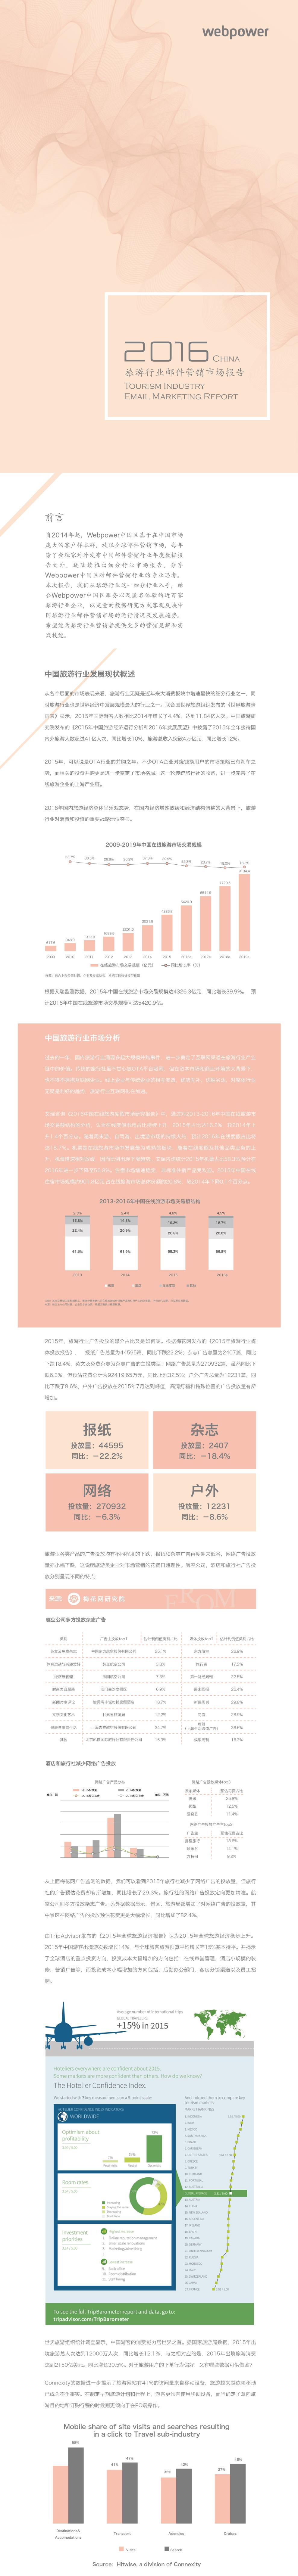 2016年中国旅游行业邮件营销市场报告_000001